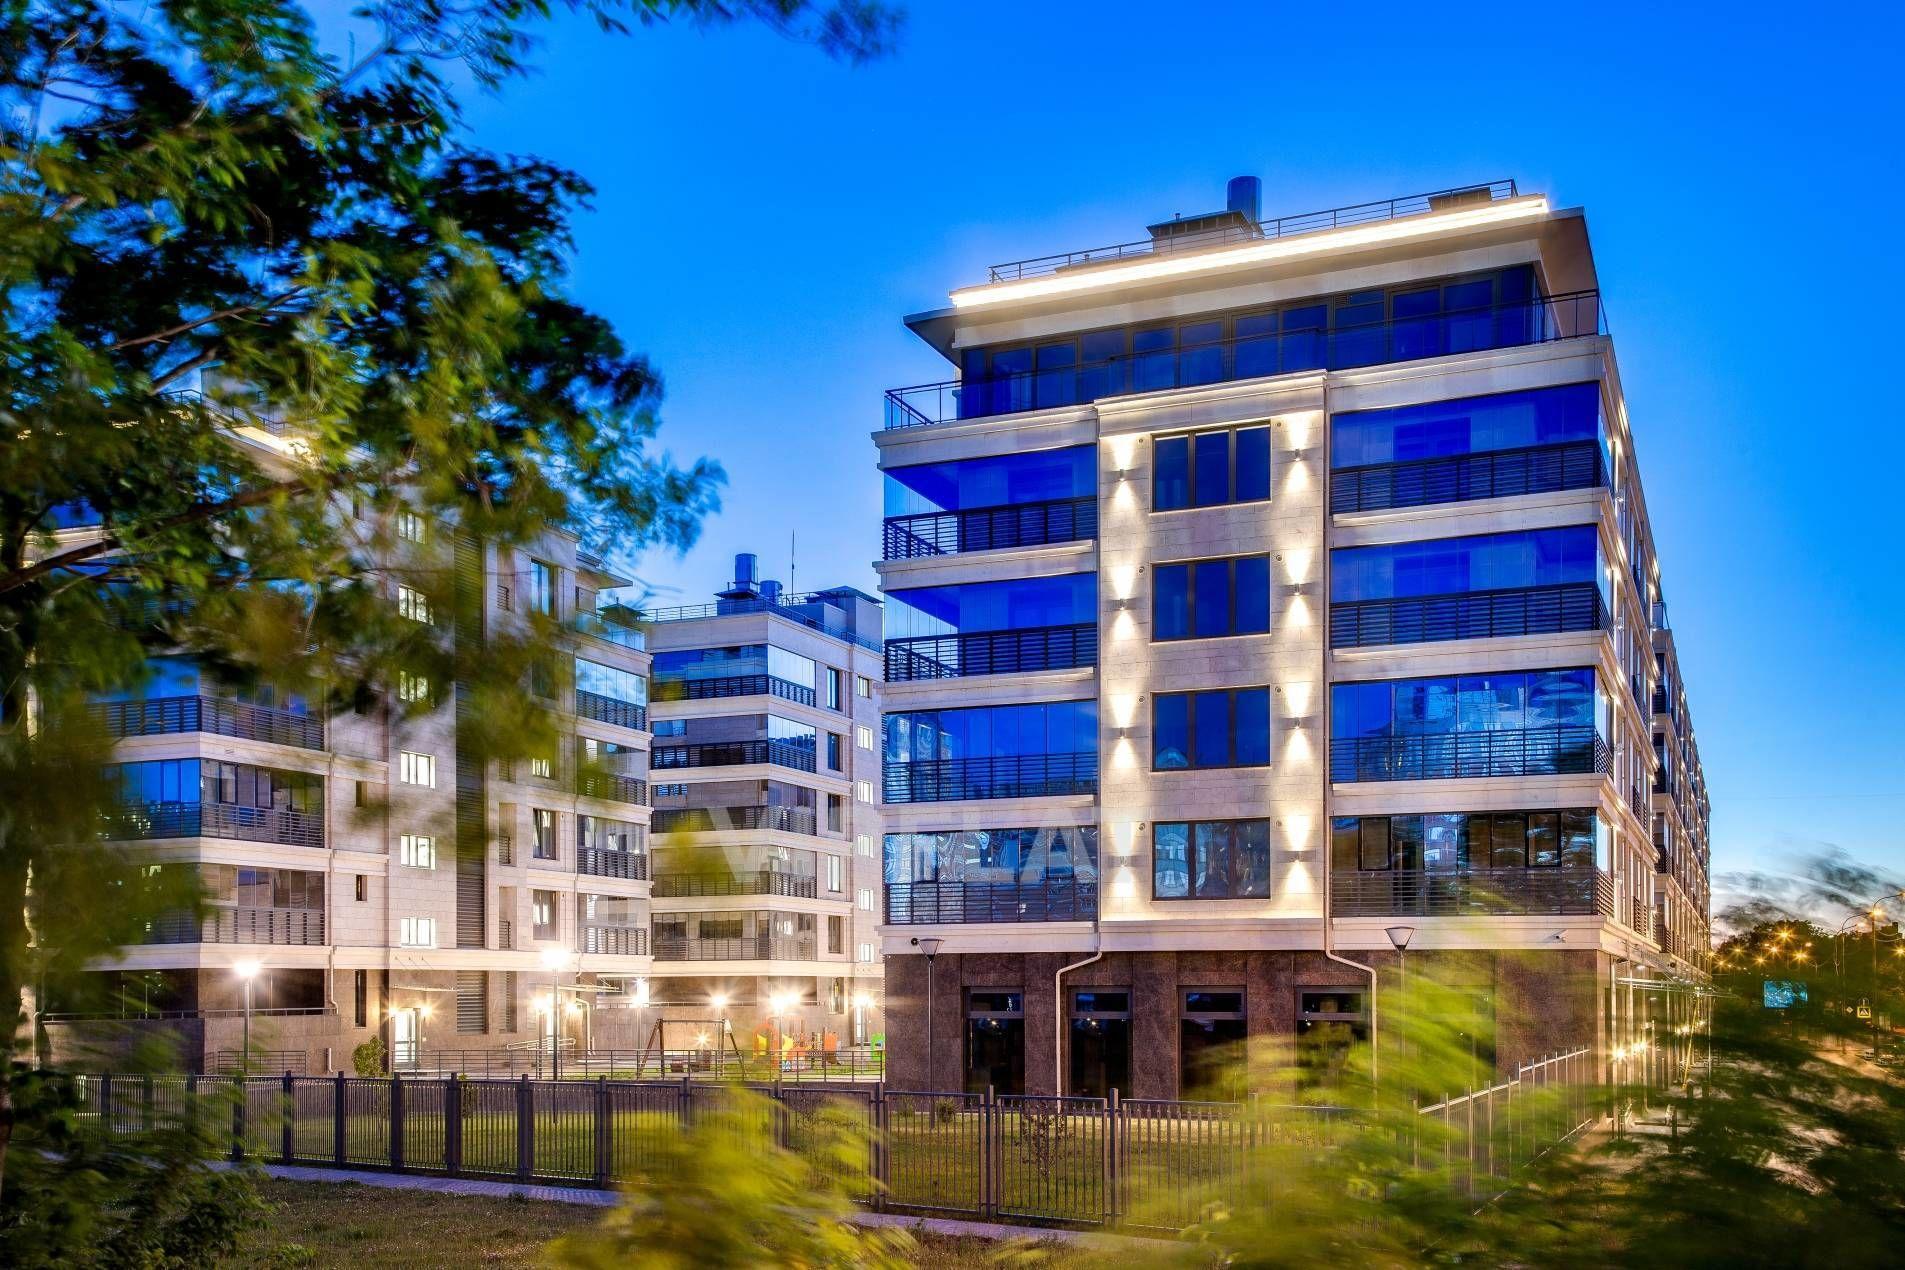 Продажа элитных квартир Санкт-Петербурга. Спортивная ул., 2 Панорамные окна и террасы